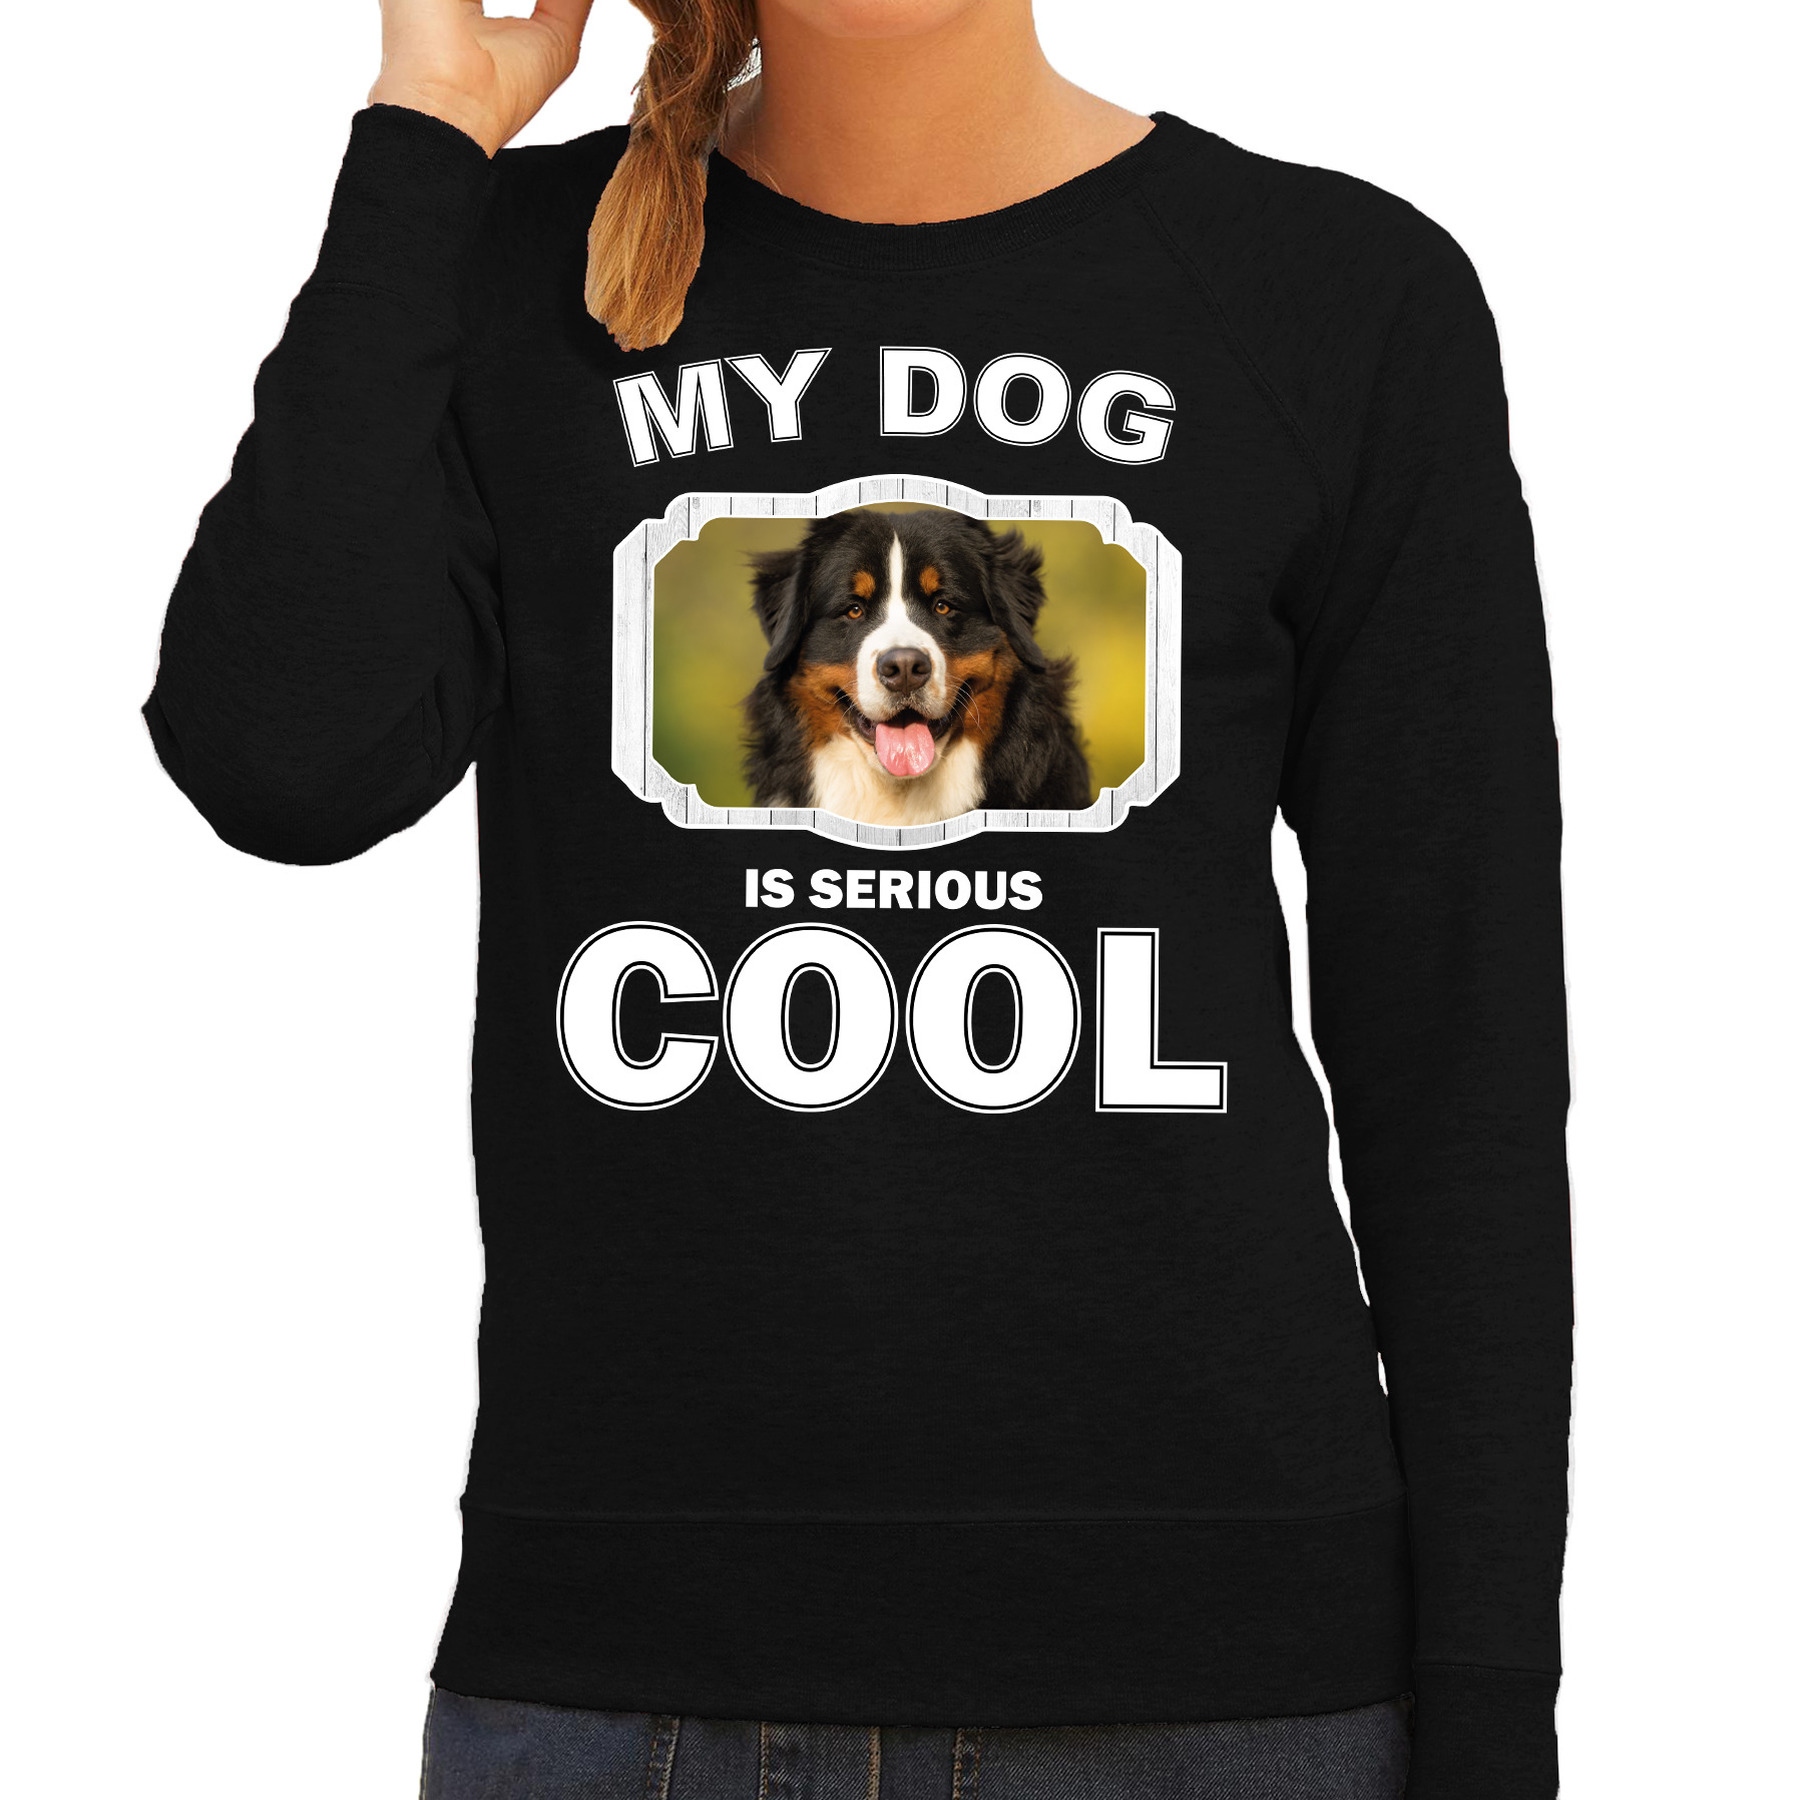 Honden liefhebber trui - sweater Berner sennen my dog is serious cool zwart voor dames